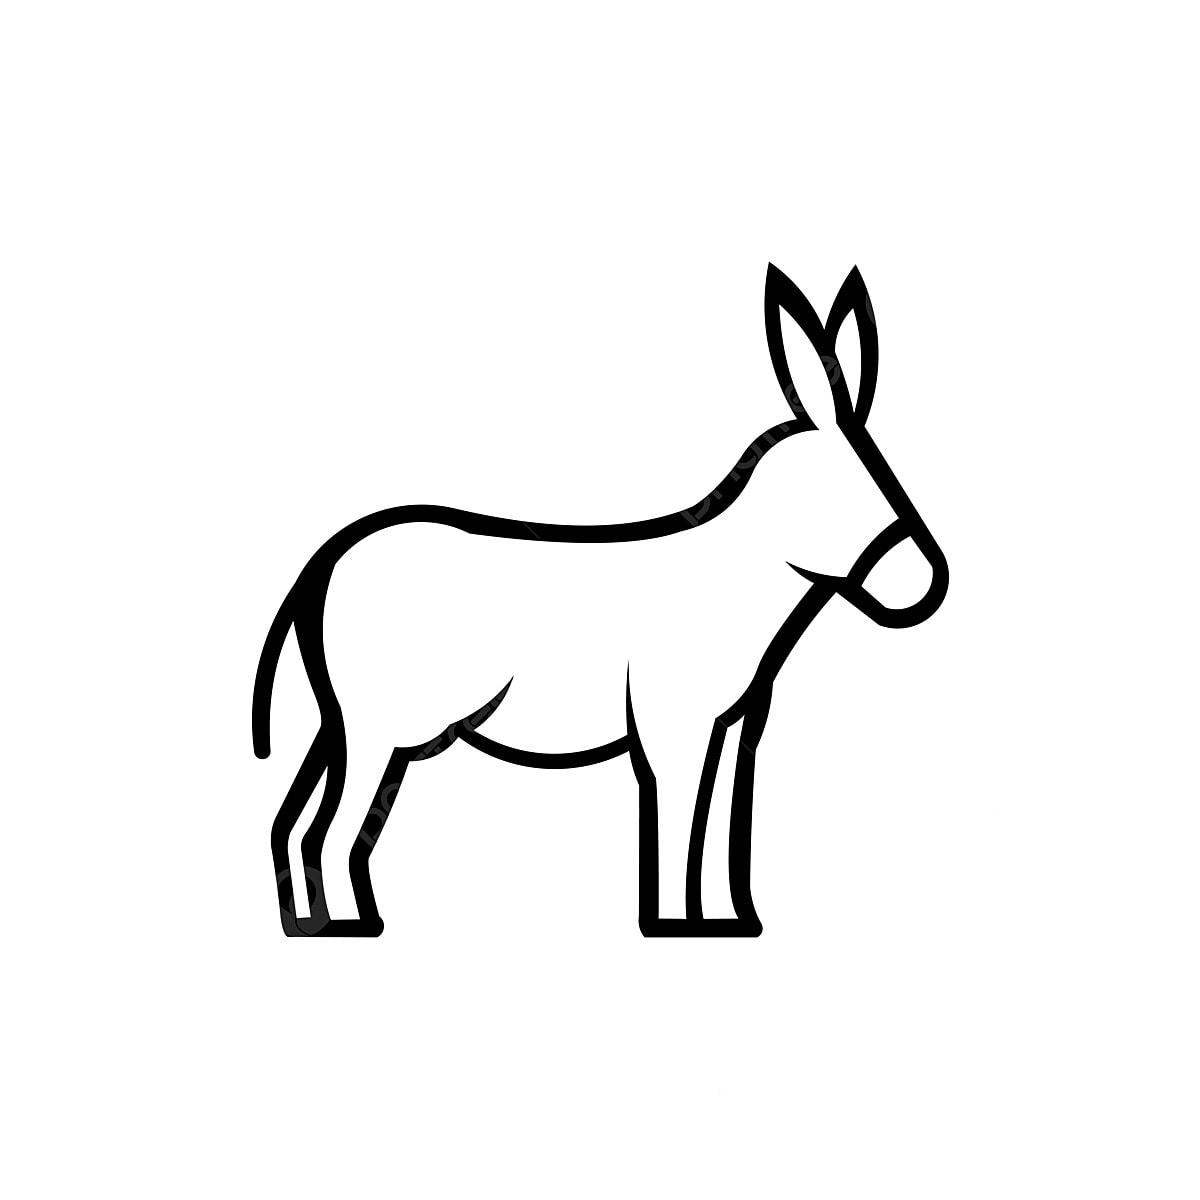 Gambar Garis Keldai Logo Hitam Dan Putih Abstrak Lukisan Keldai Haiwan Comel Ternakan Abstrak Haiwan Seni Png Dan Vektor Untuk Muat Turun Percuma